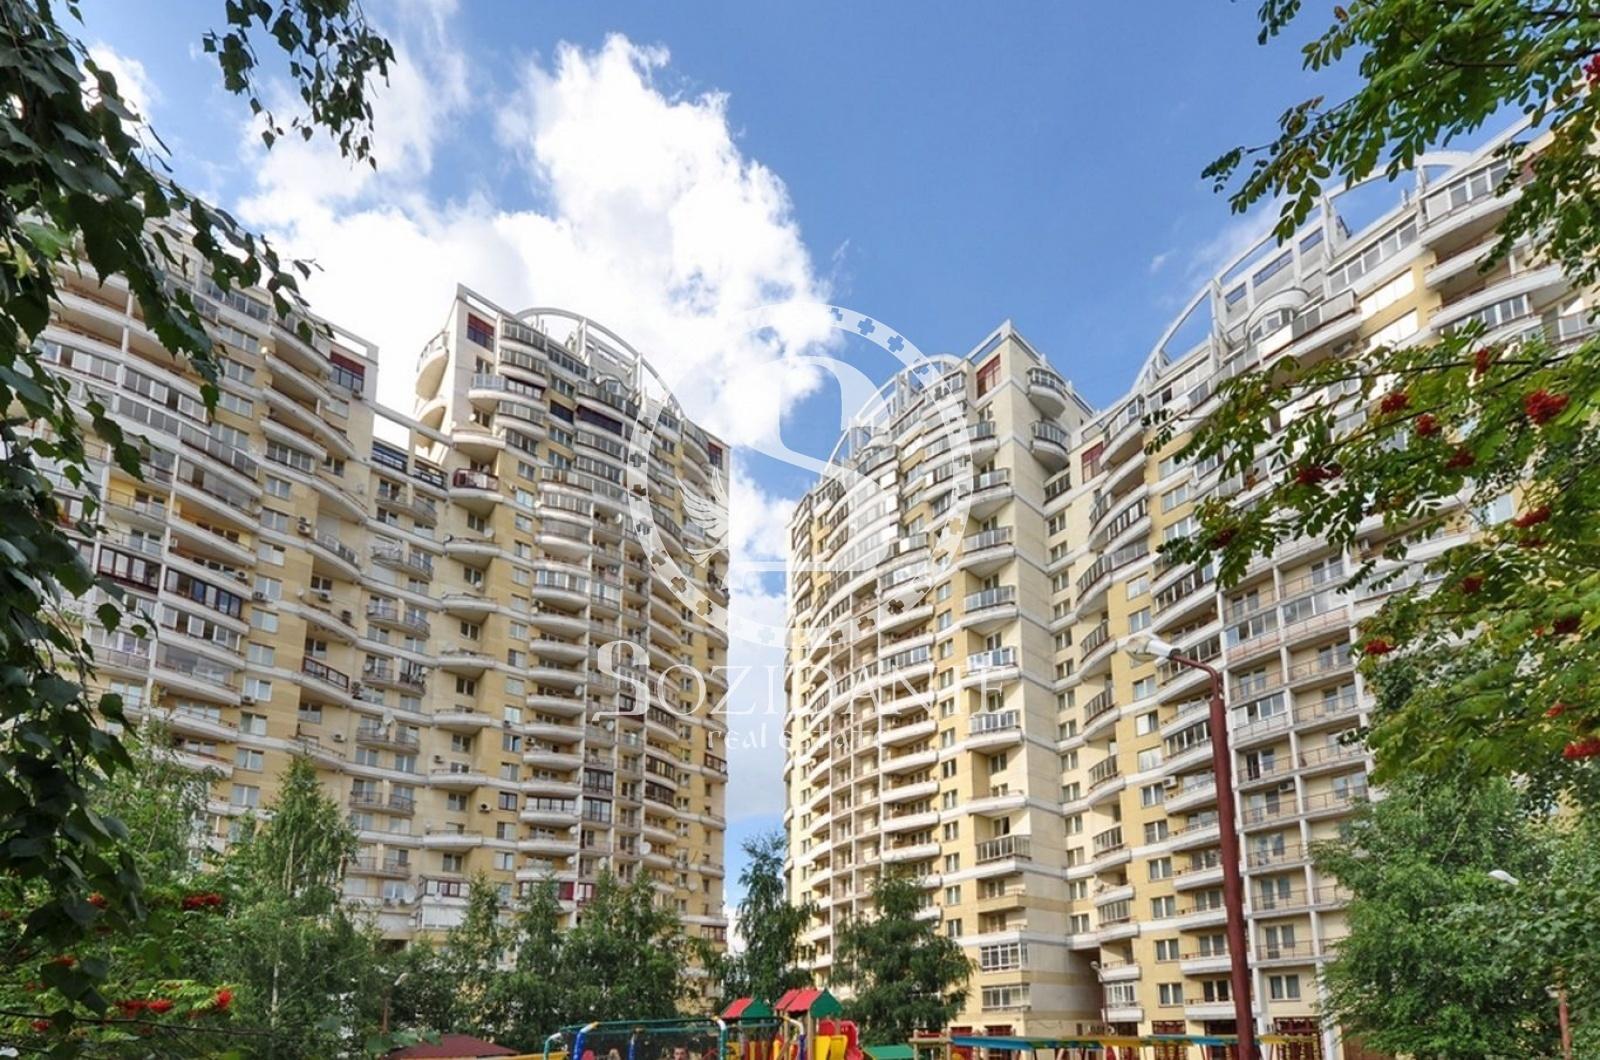 3 Комнаты, Городская, Аренда, Улица Улофа Пальме, Listing ID 1214, Москва, Россия,